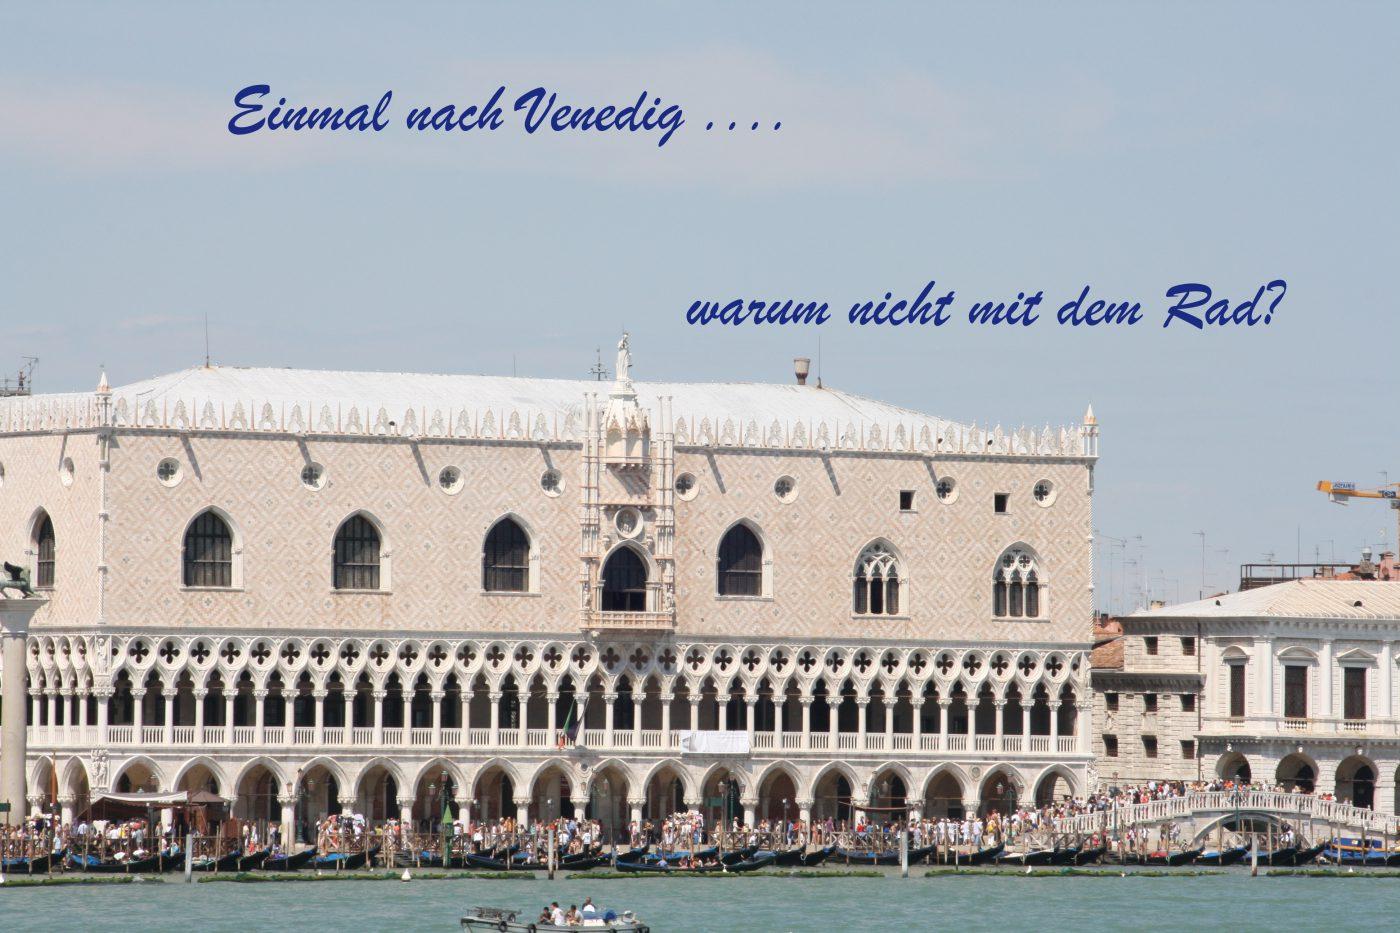 Von Mailand nach Pisa mit dem Rad 2. Teil: Von Pieve nach Pisa 6